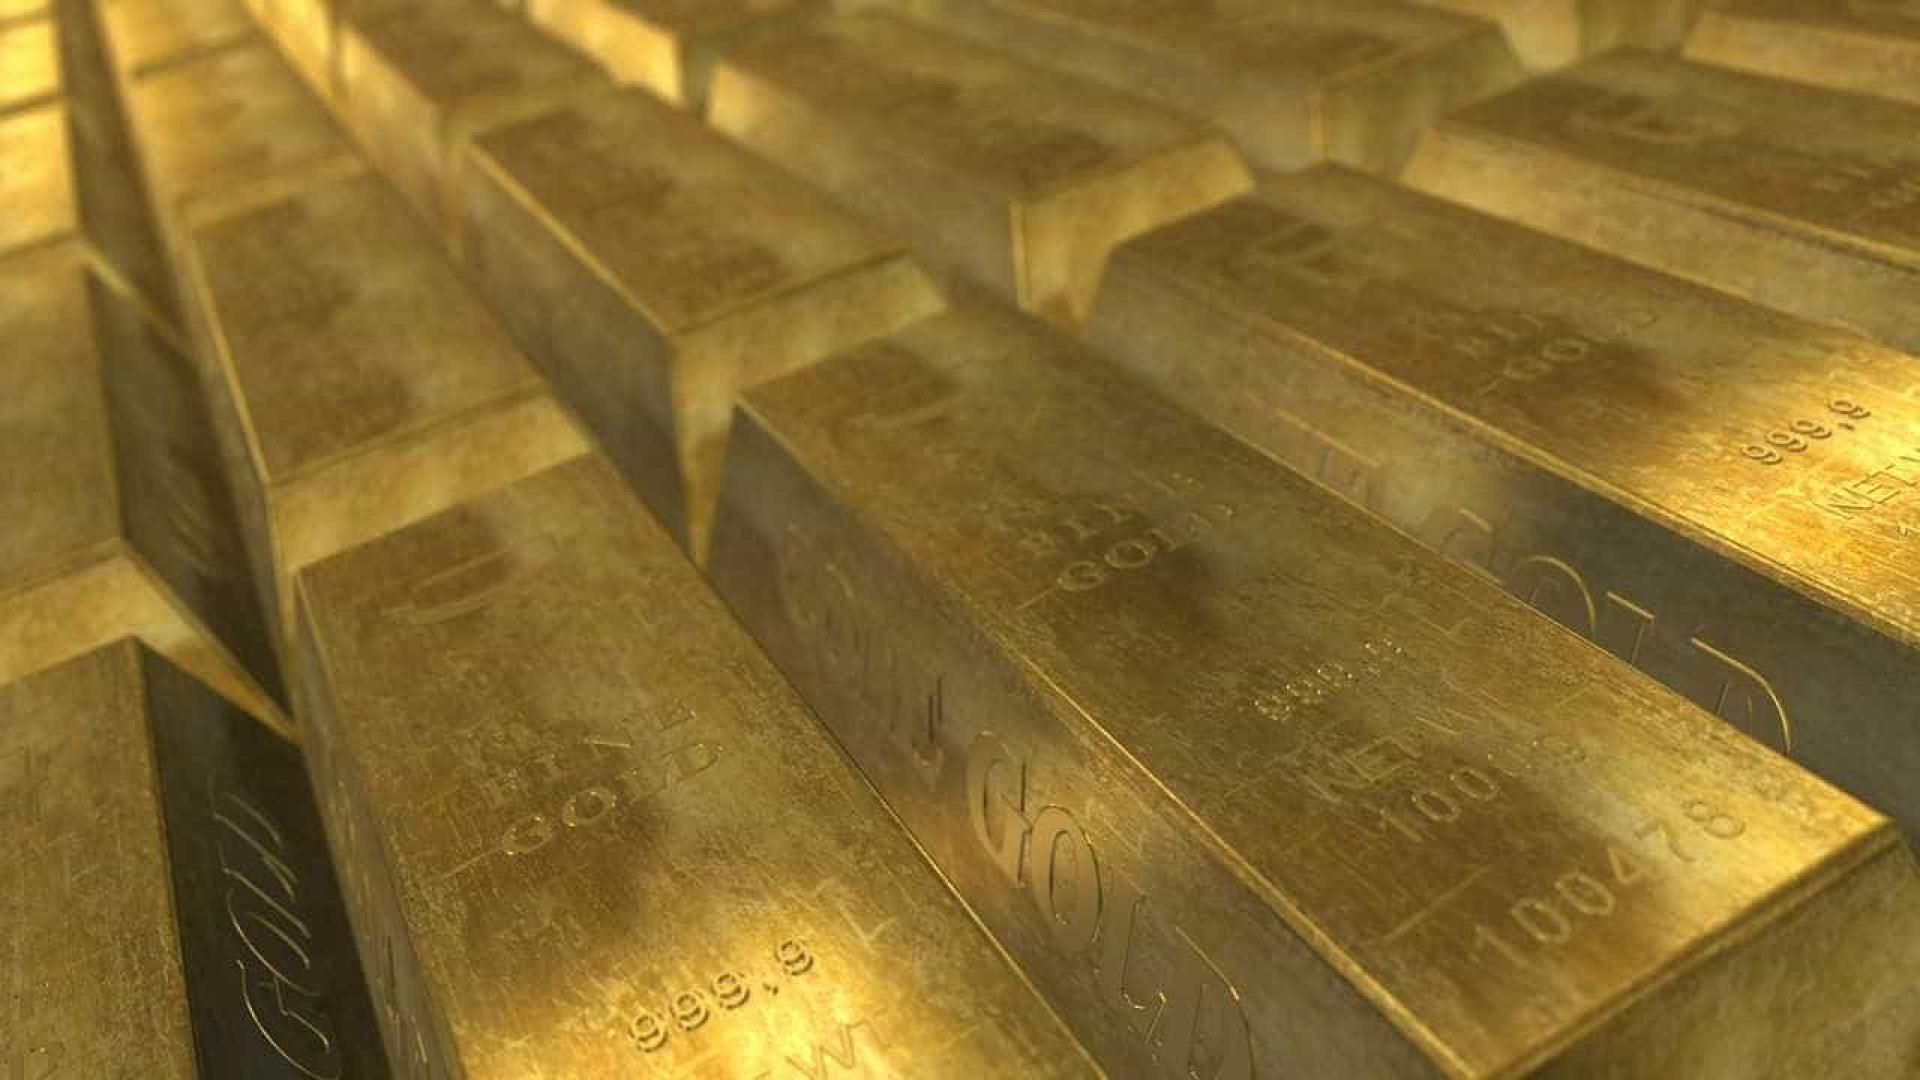 Polícia prende quatro suspeitos do roubo da carga de ouro em SP